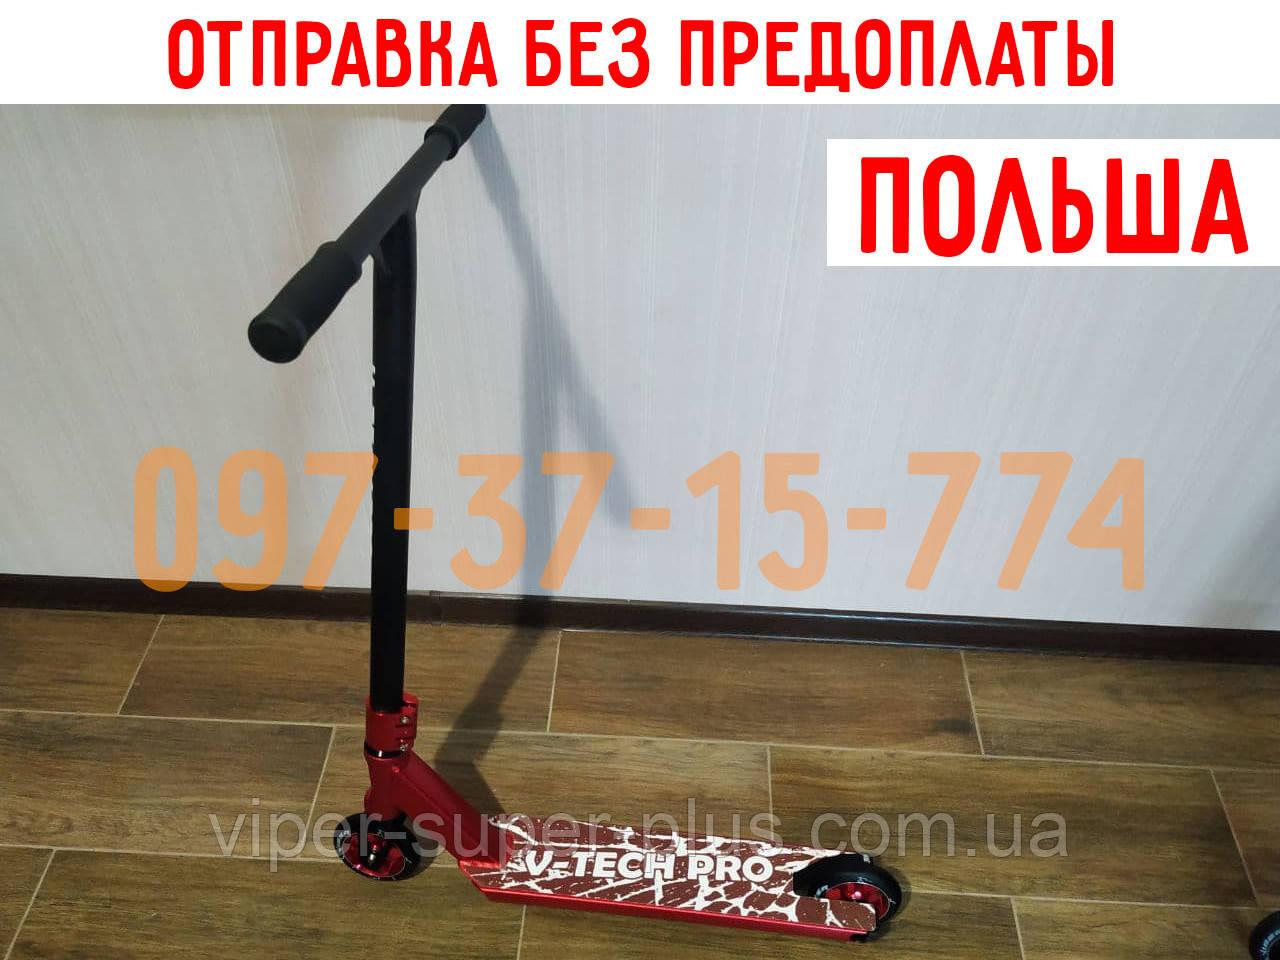 ⭐✅ Трюковой самокат Viper V-Tech PRO - Красный (Red) | Пеги Система HIC  Усиленные Алюминиевые Диски 110